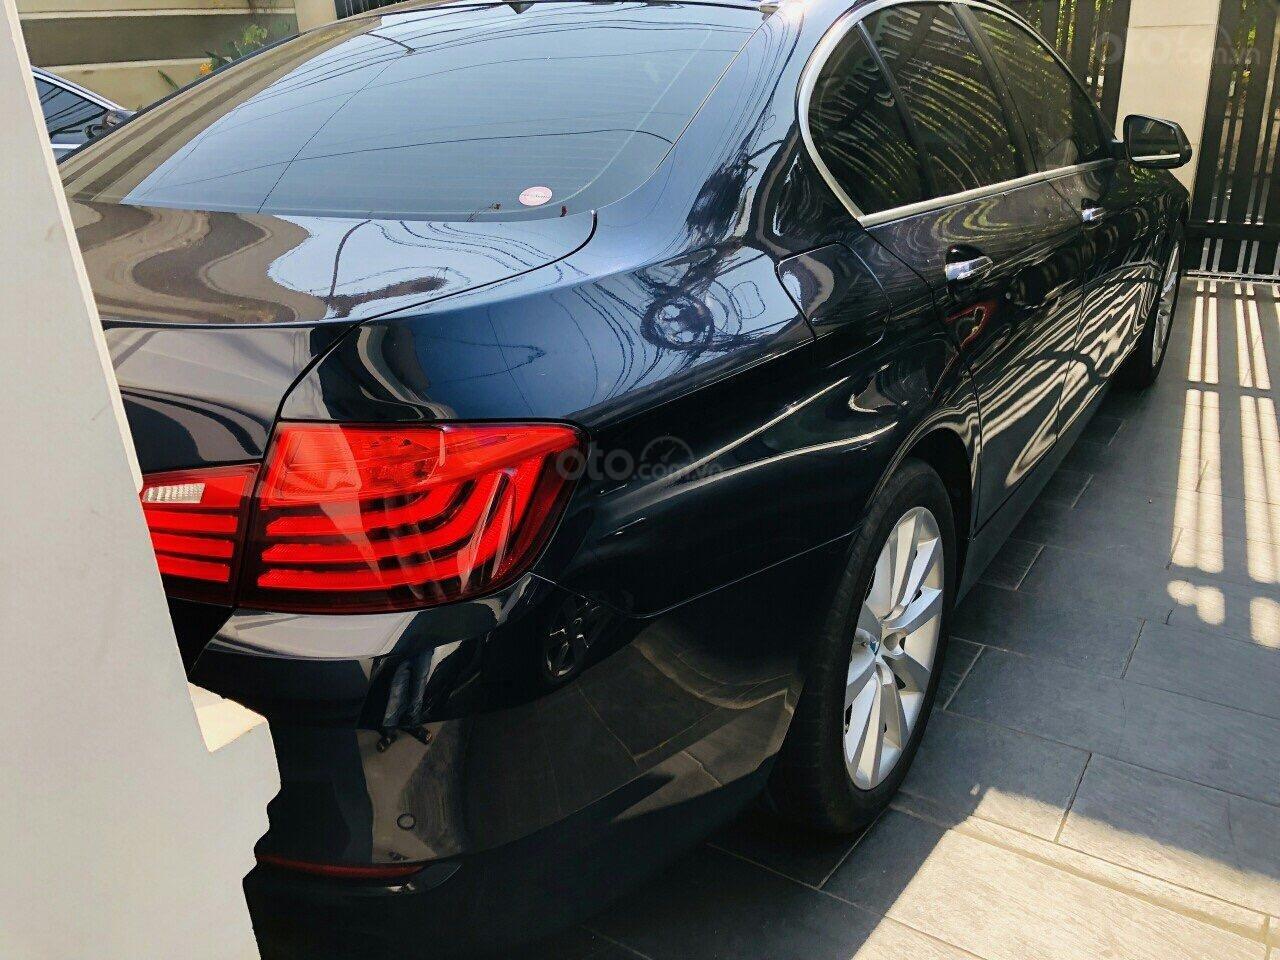 Bán BMW 520i sản xuất 2016, xe đẹp, đi ít, cam kết chất lượng bao kiểm tra hãng-6